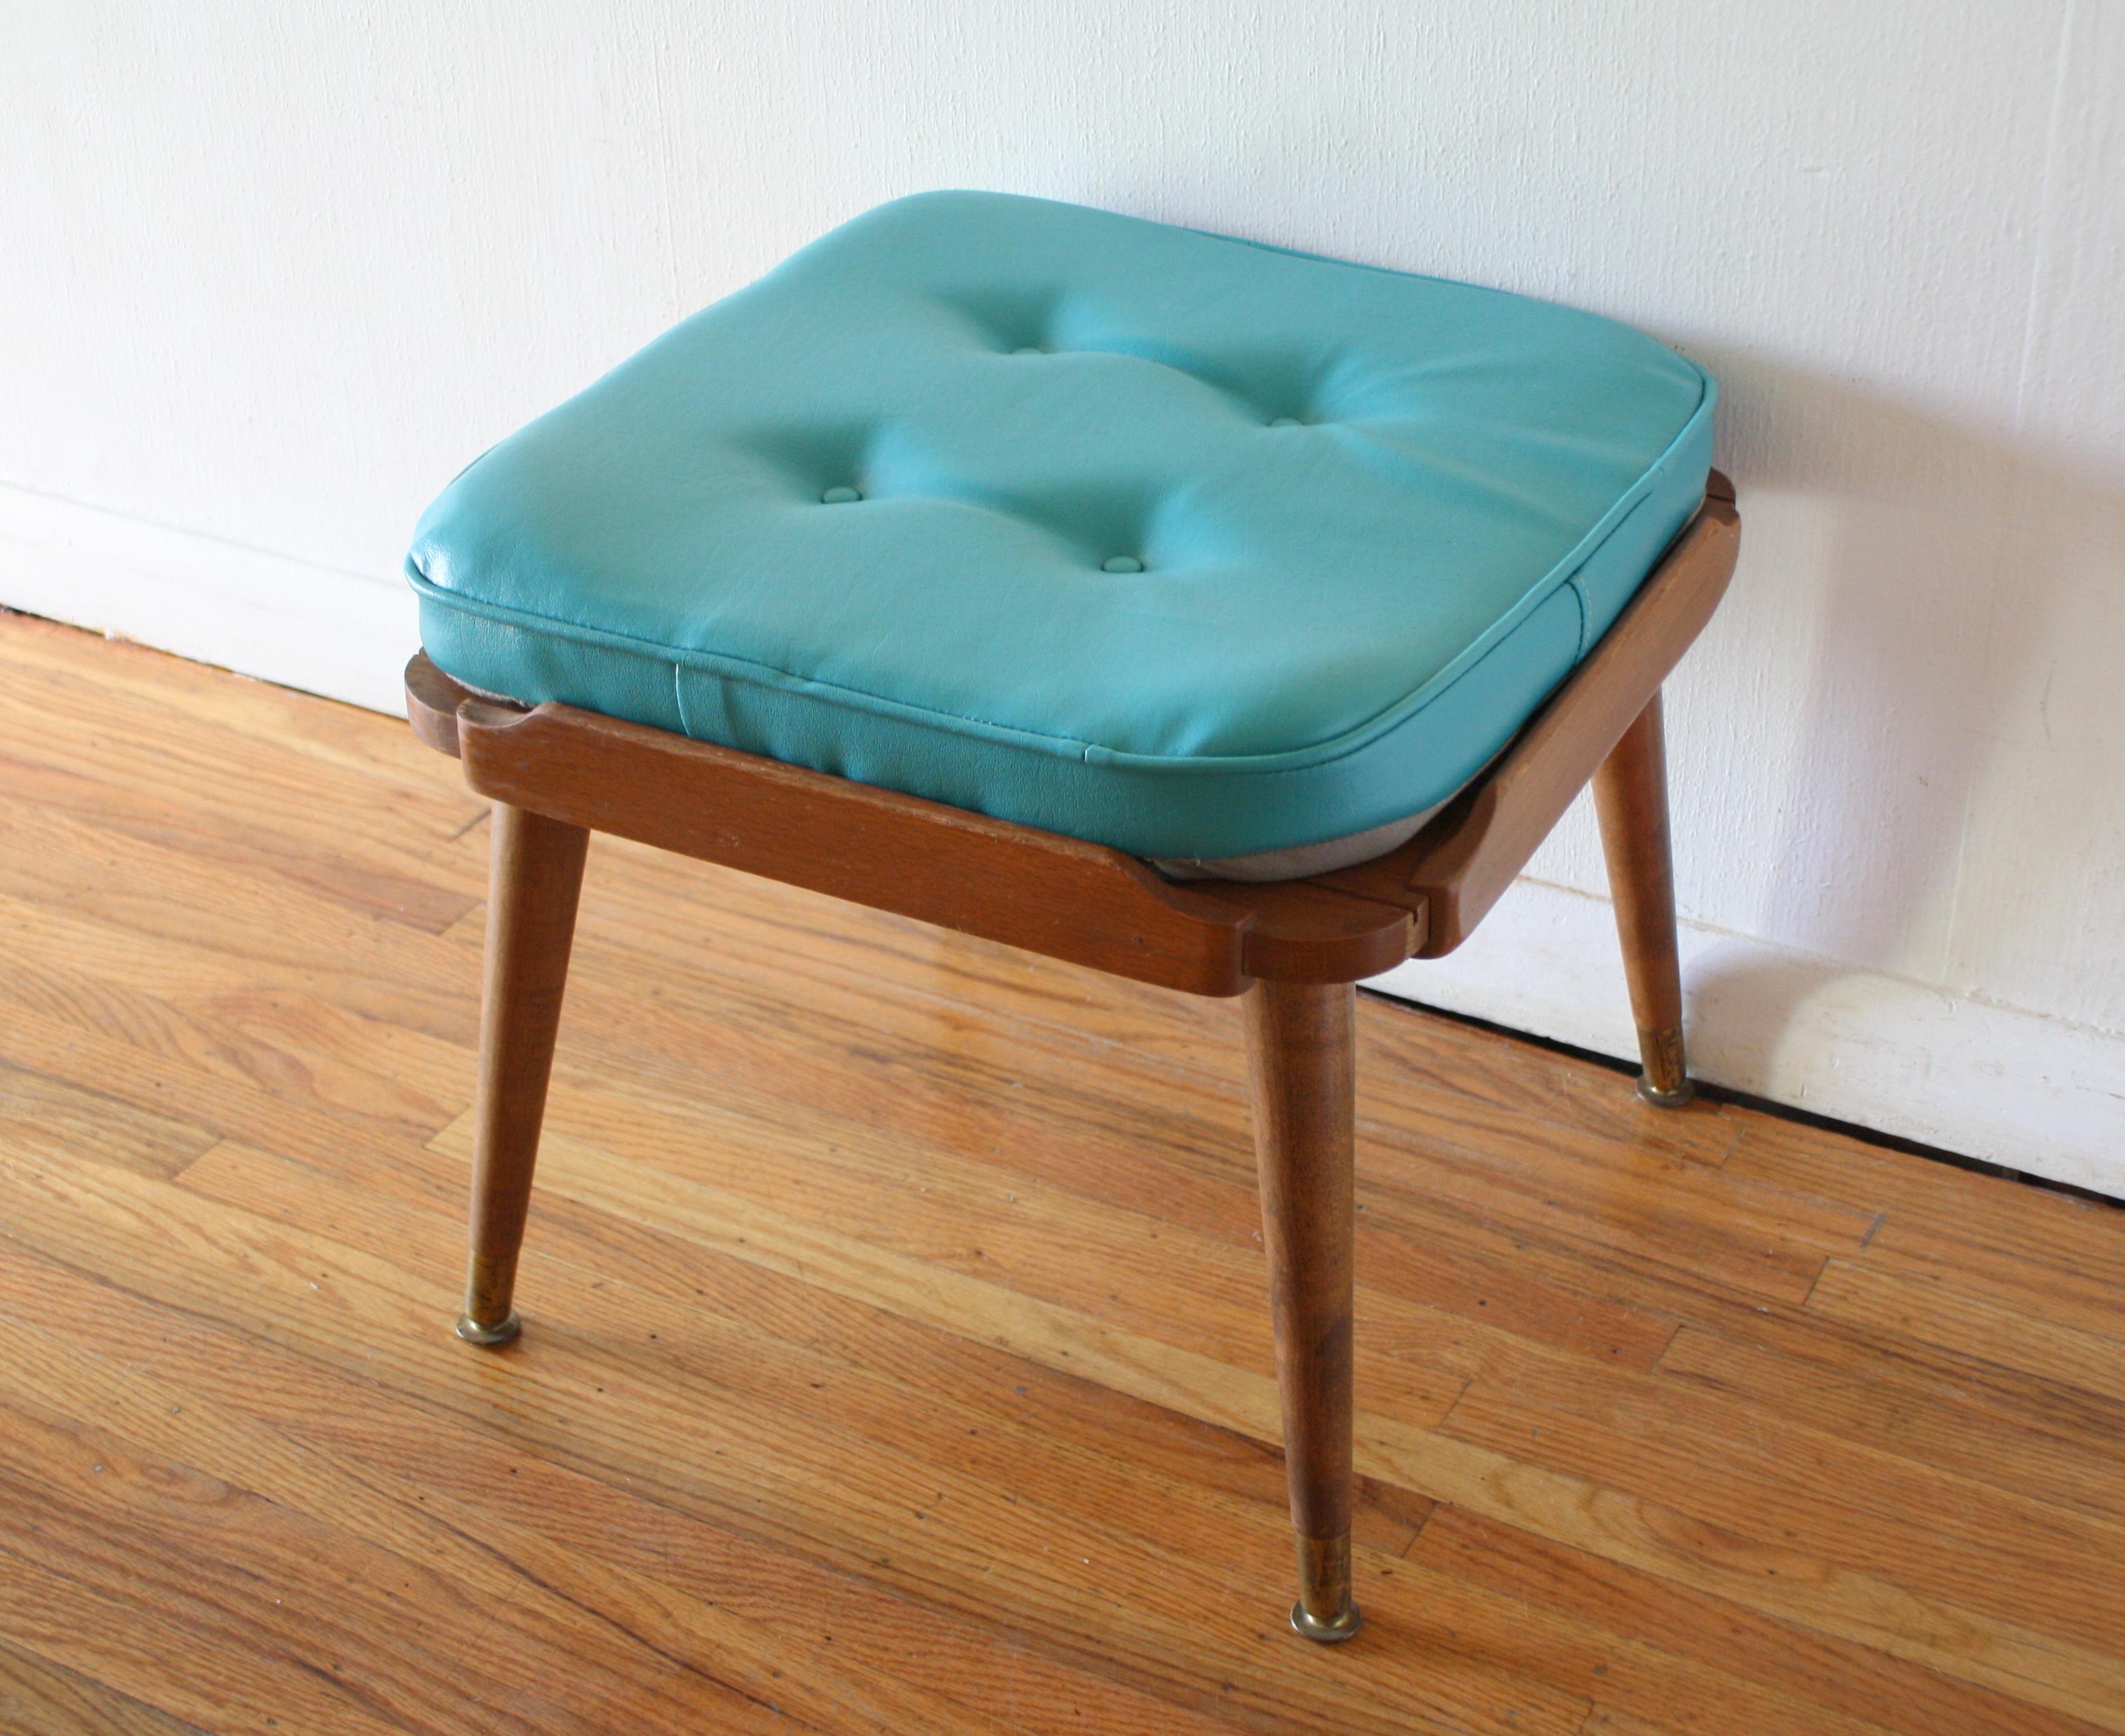 Fine Mid Century Modern Ottoman Picked Vintage Unemploymentrelief Wooden Chair Designs For Living Room Unemploymentrelieforg